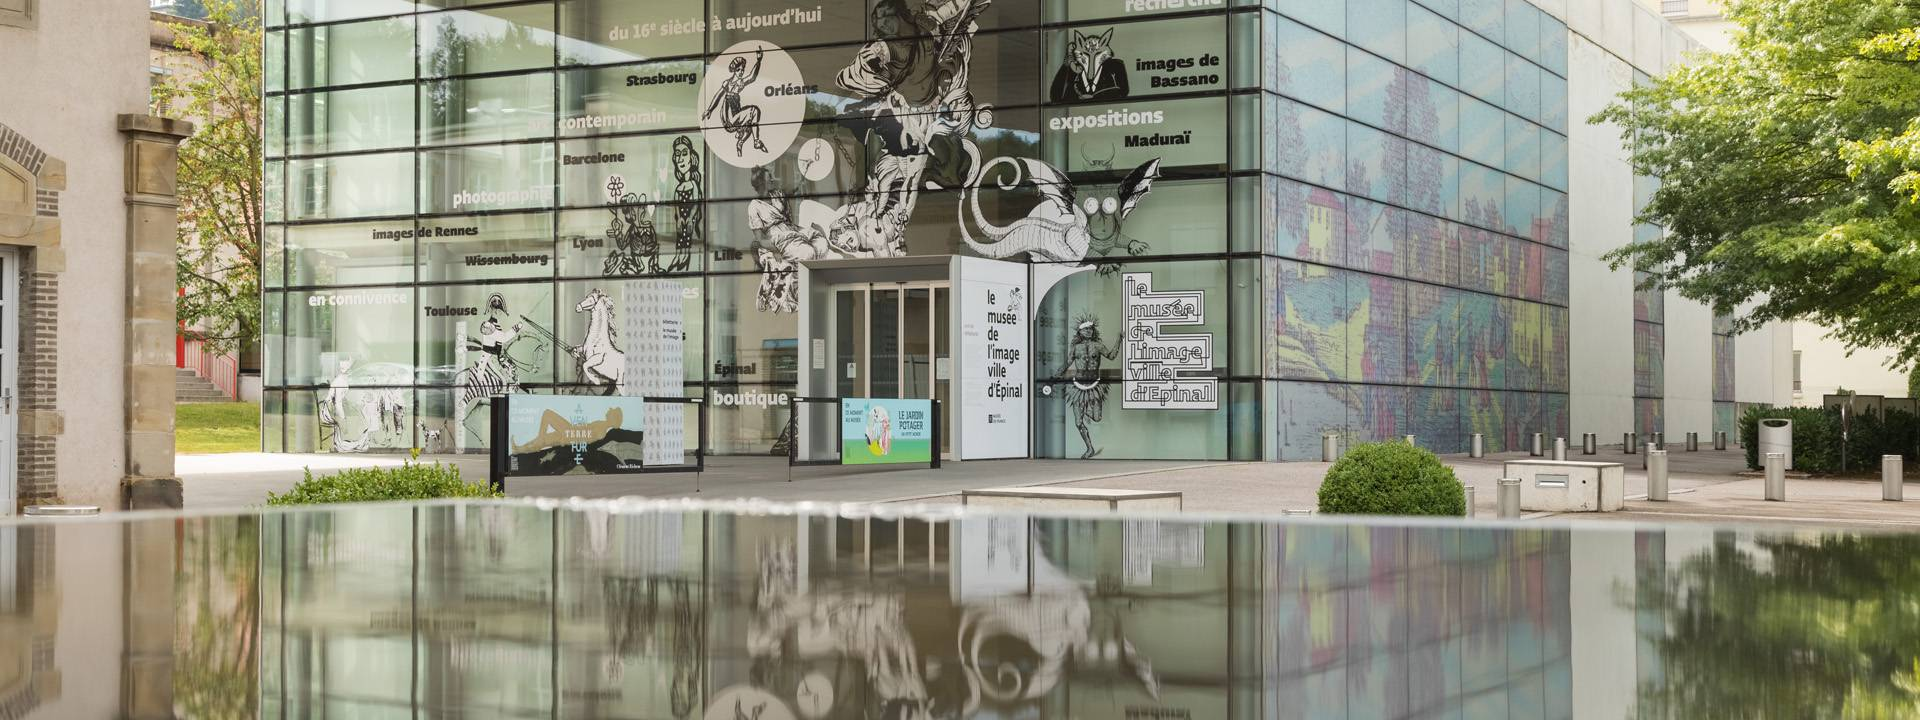 Musée de l'Image - Imagerie d'Epinal